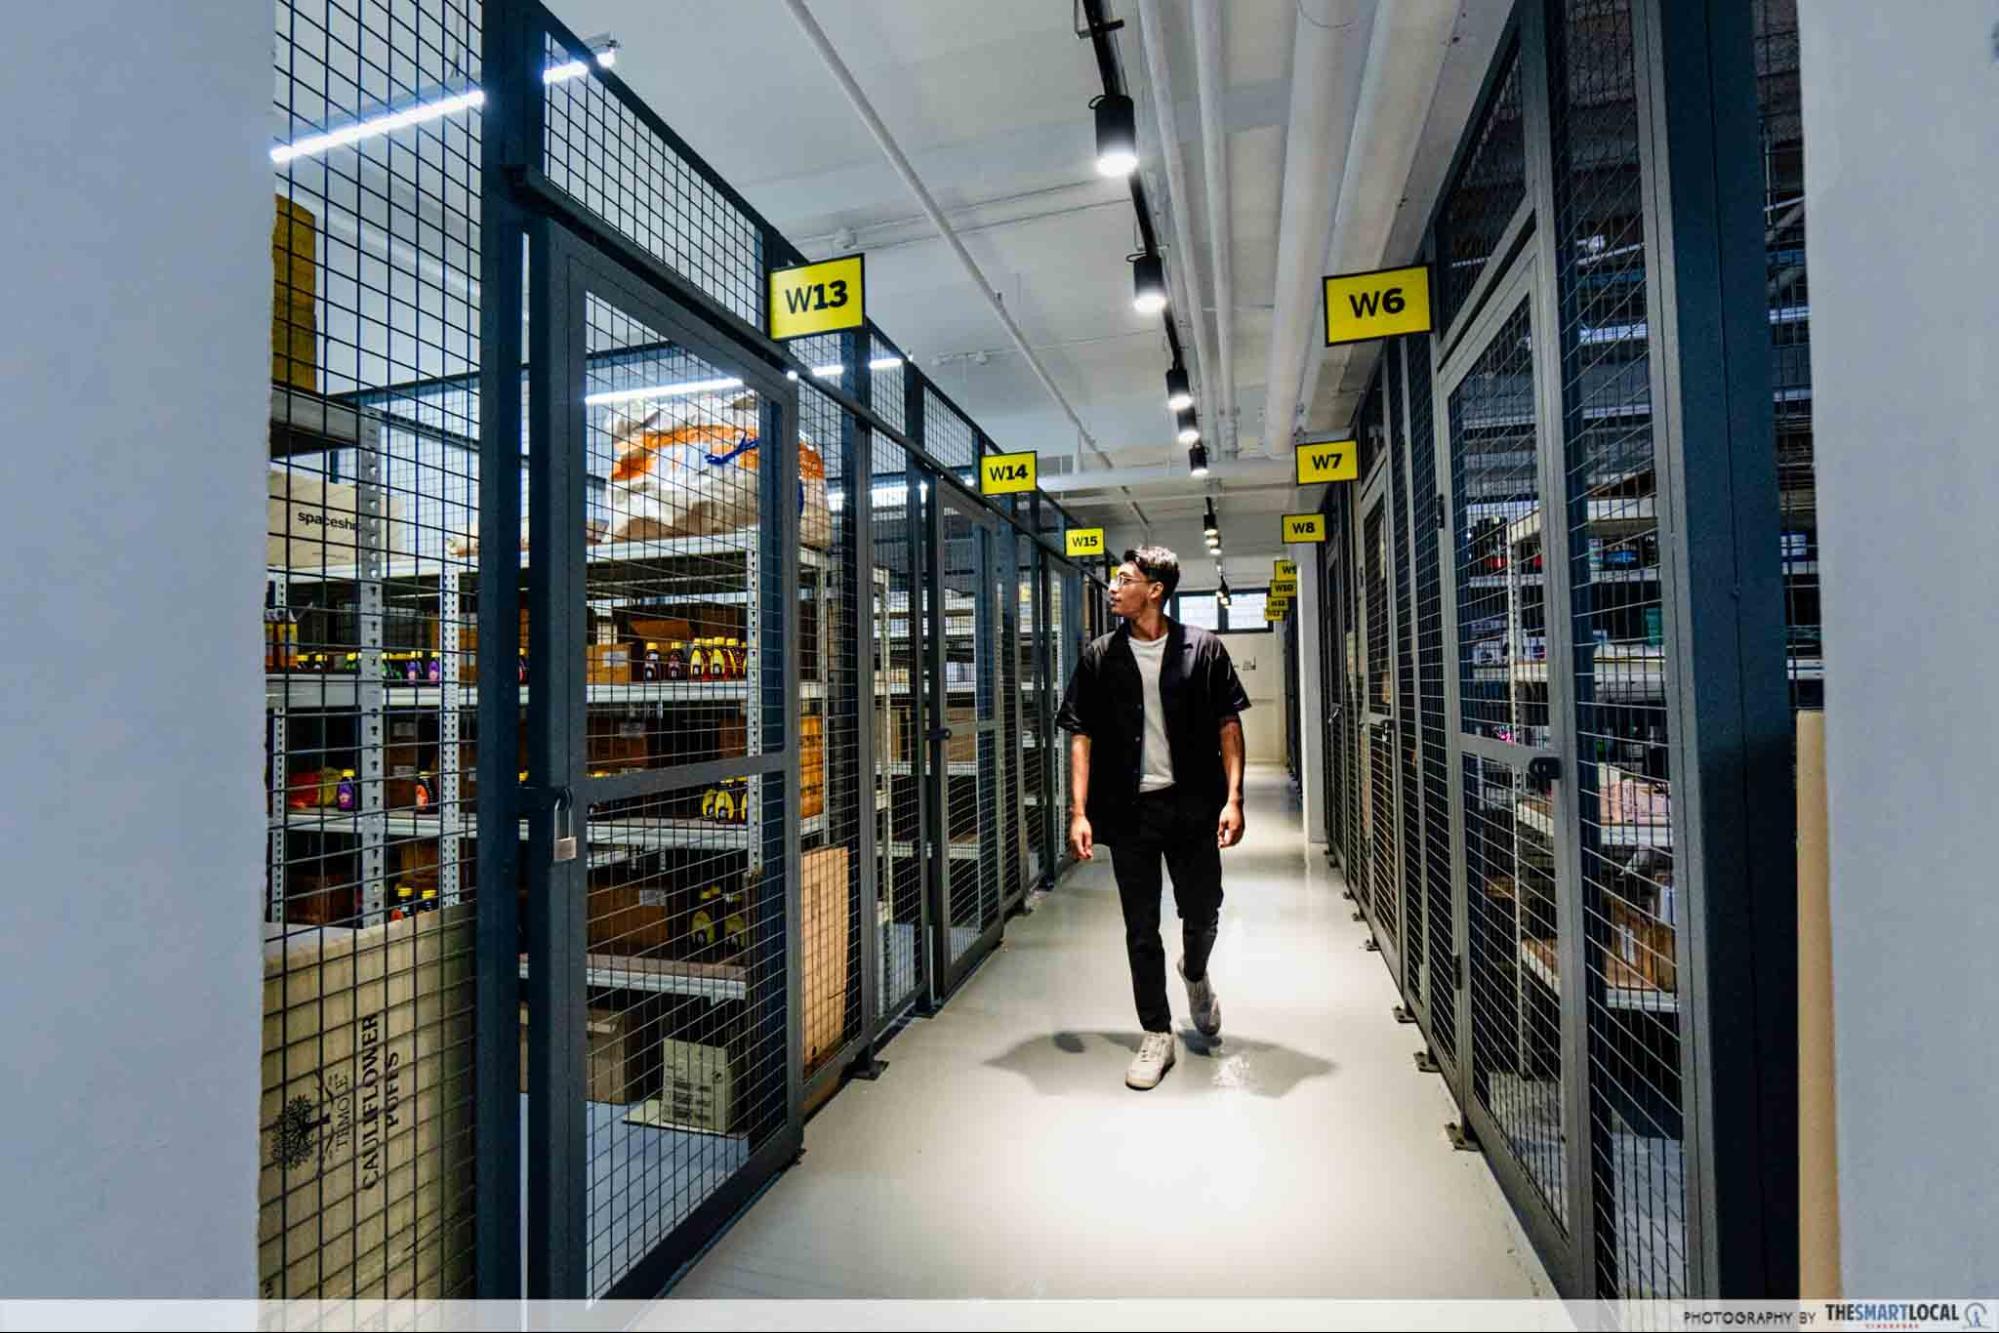 spaceship spacelabs storage space, workspaces in singapore